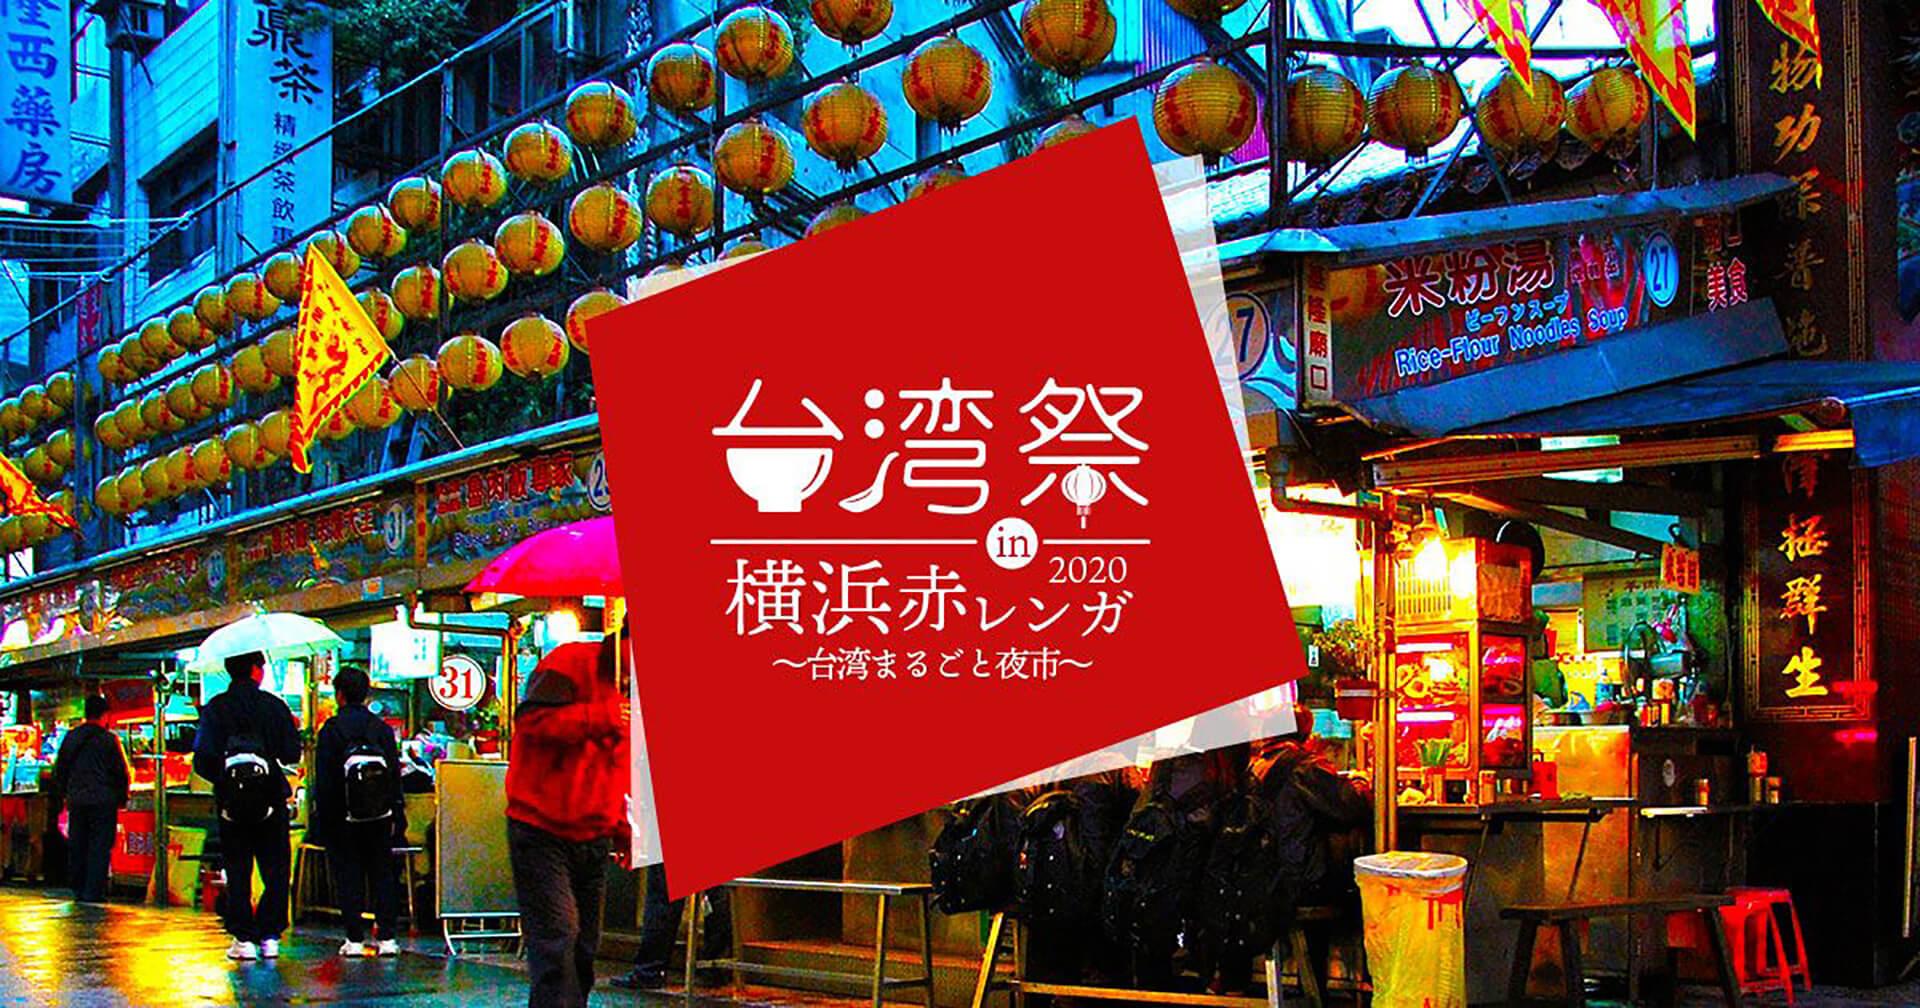 台湾祭in 横浜赤レンガ 2020バナー